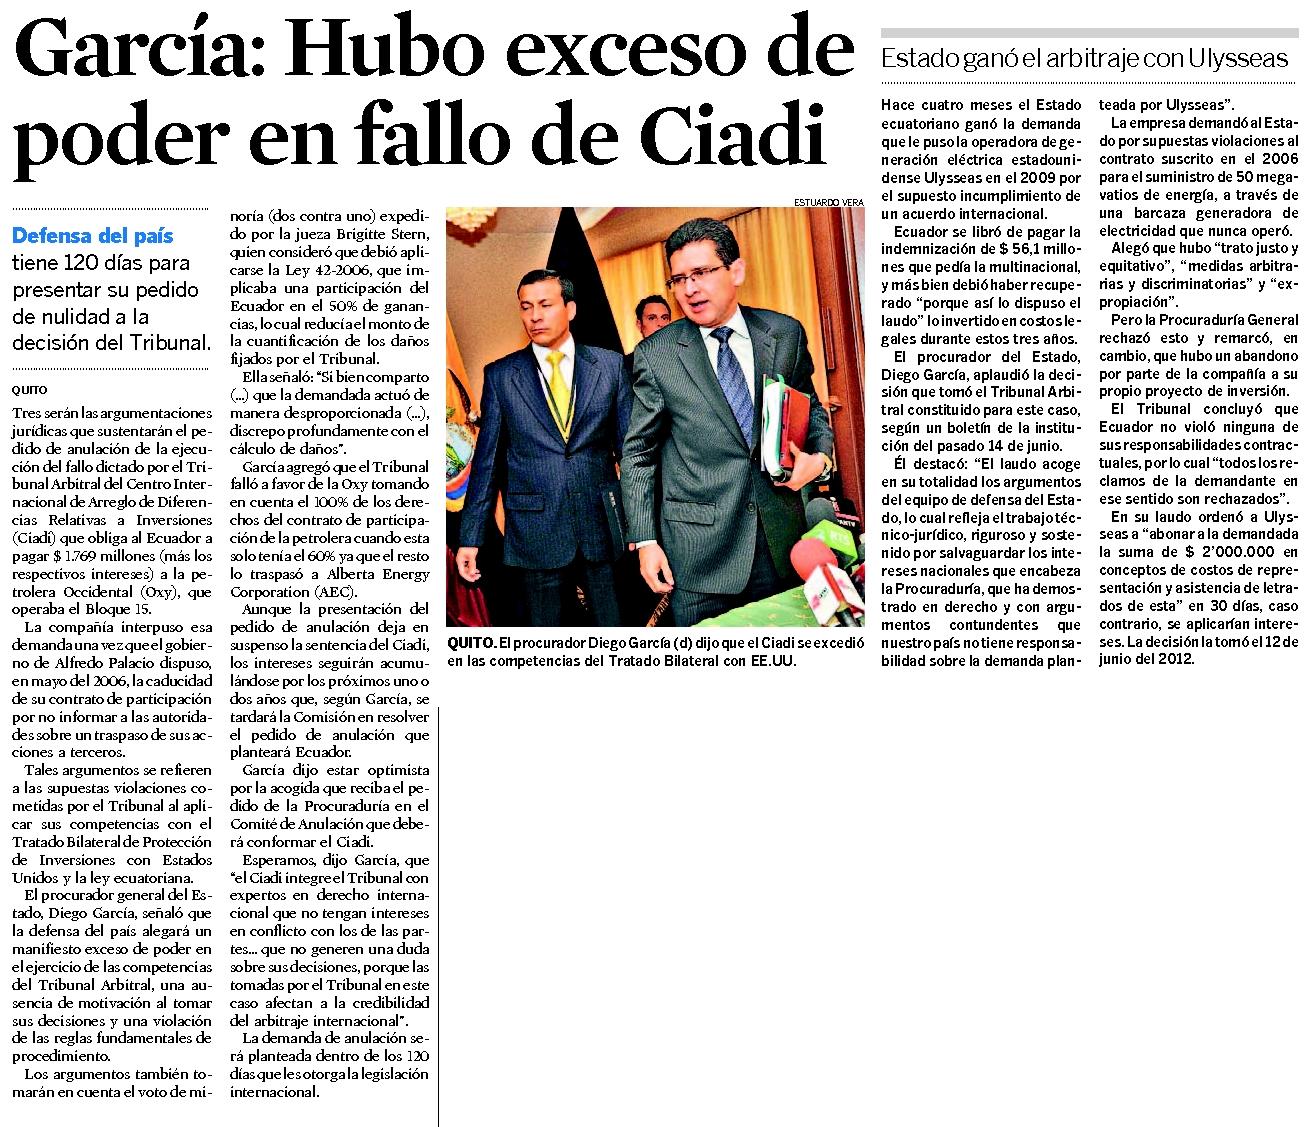 53-El Universo, Garcia, Hubo exceso de poder en fallo de CIADI 09 10